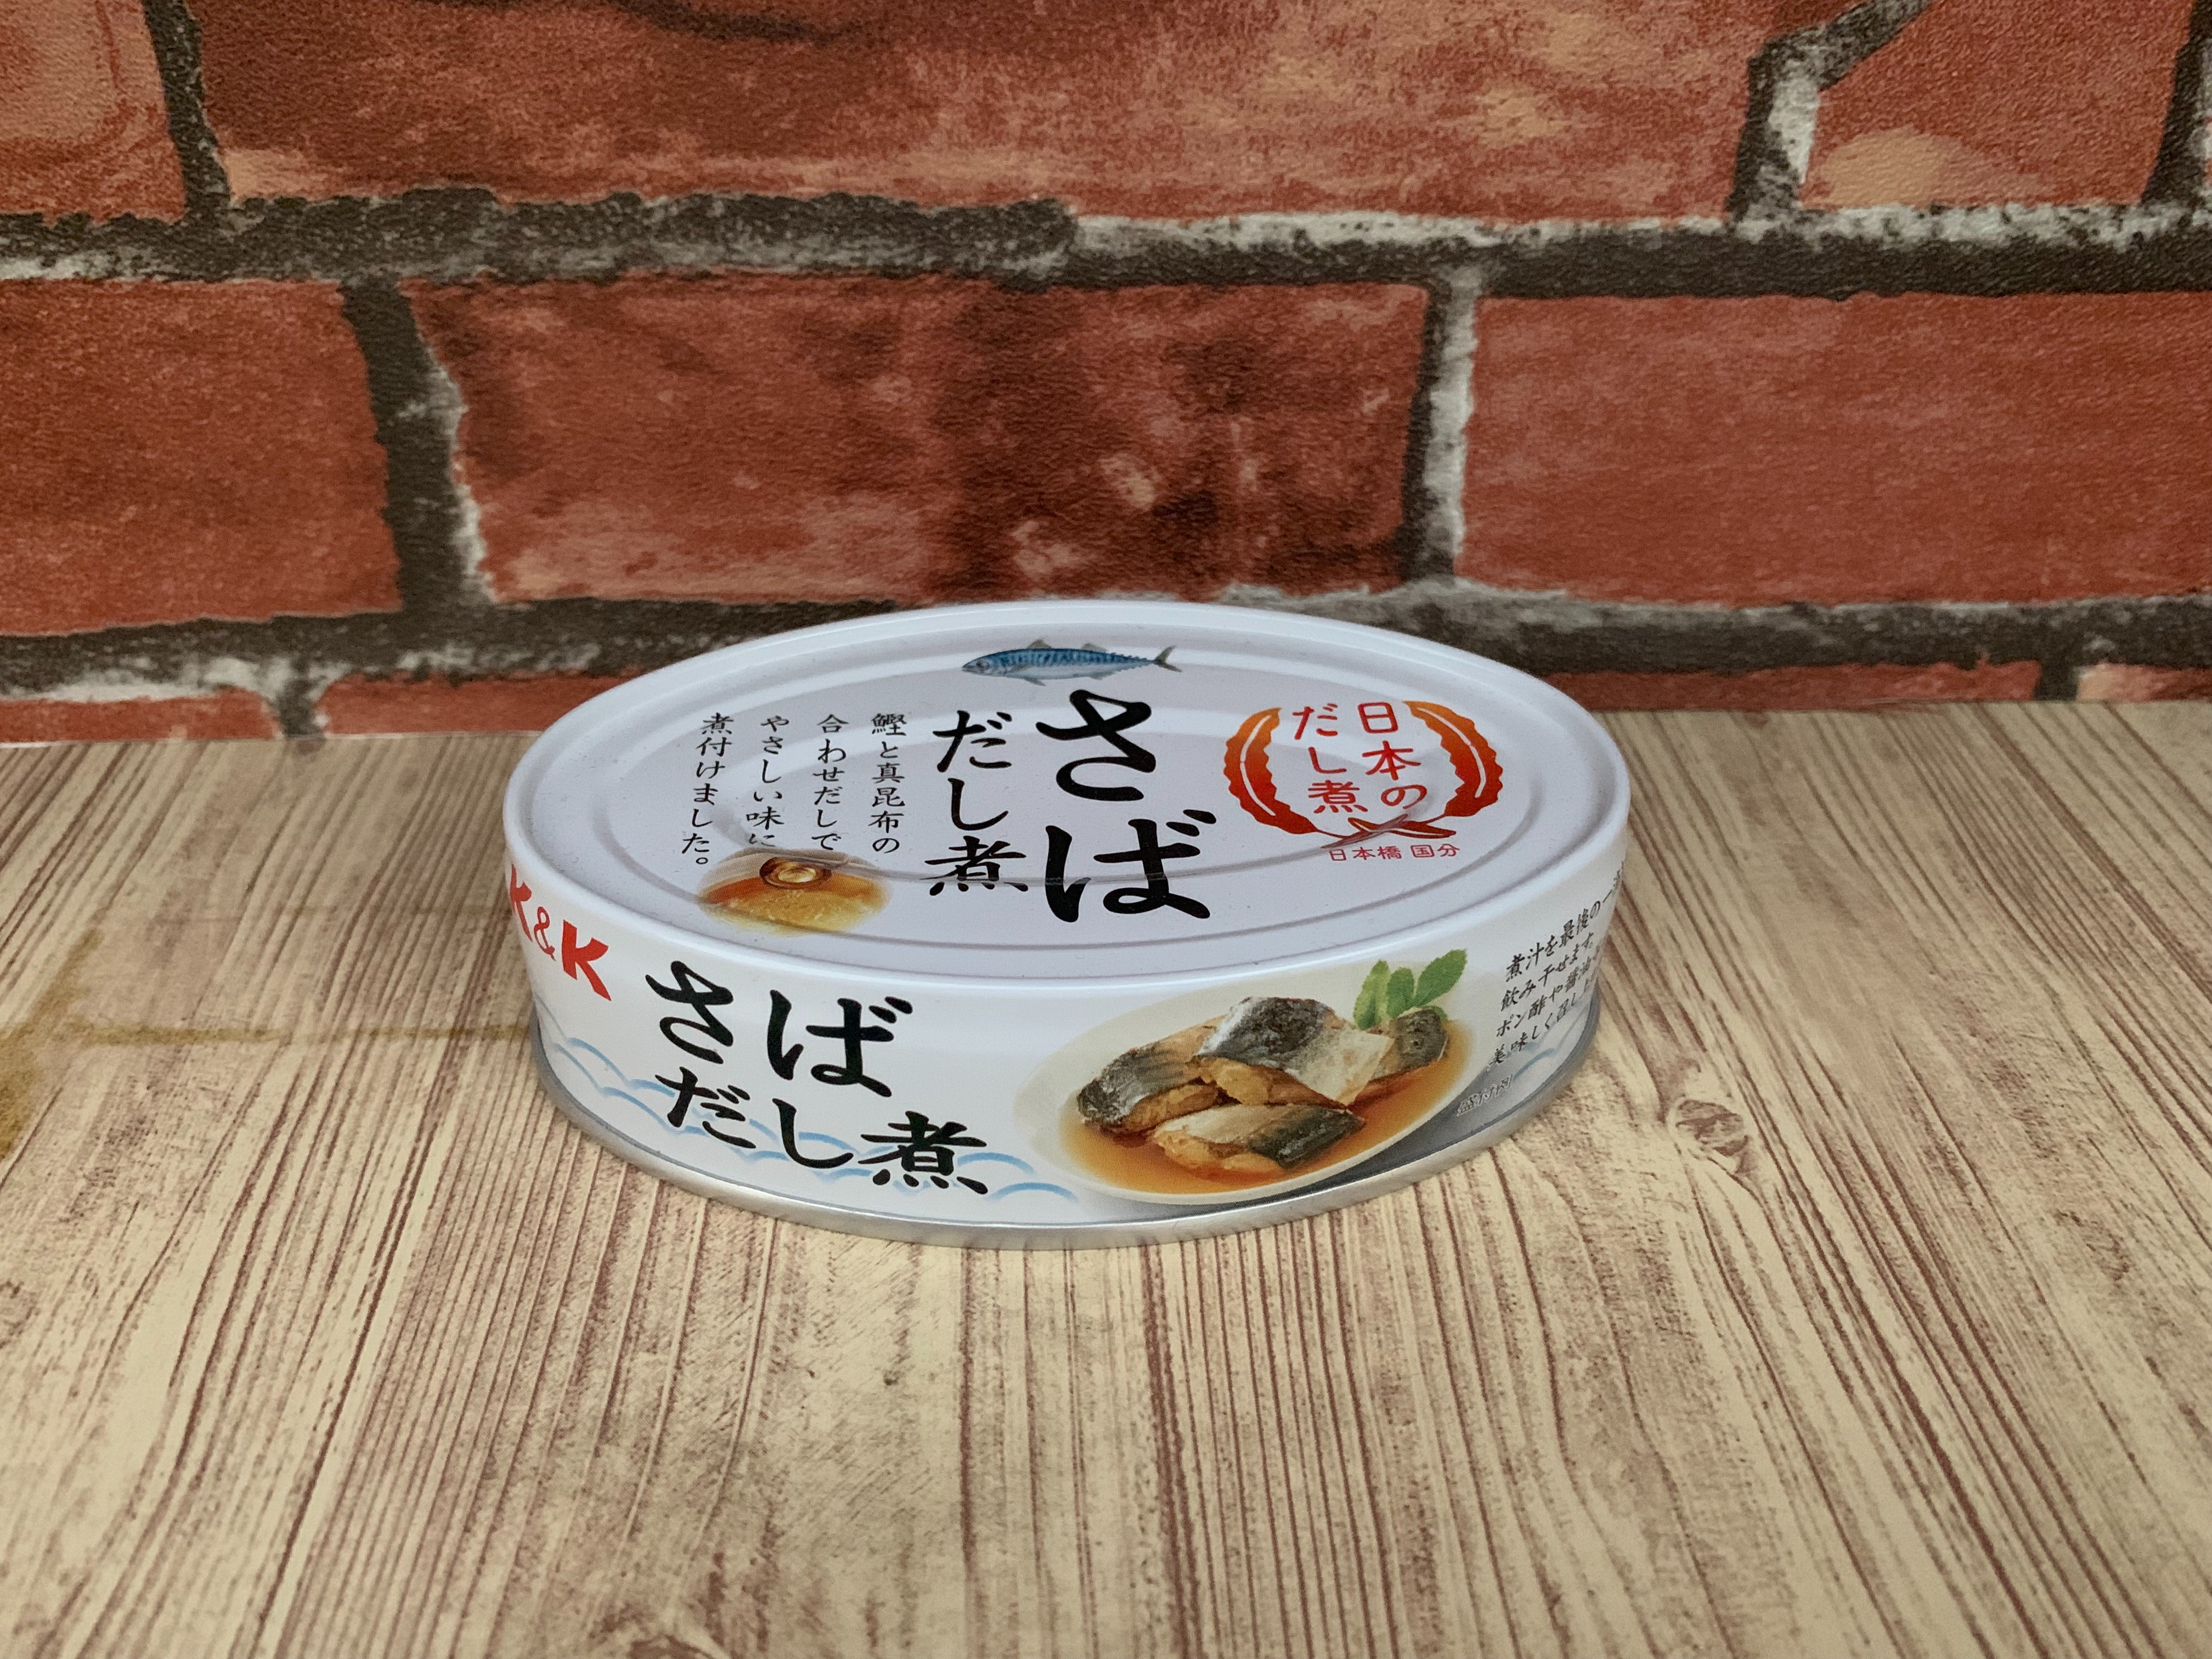 国分グループ 日本のさばだし煮